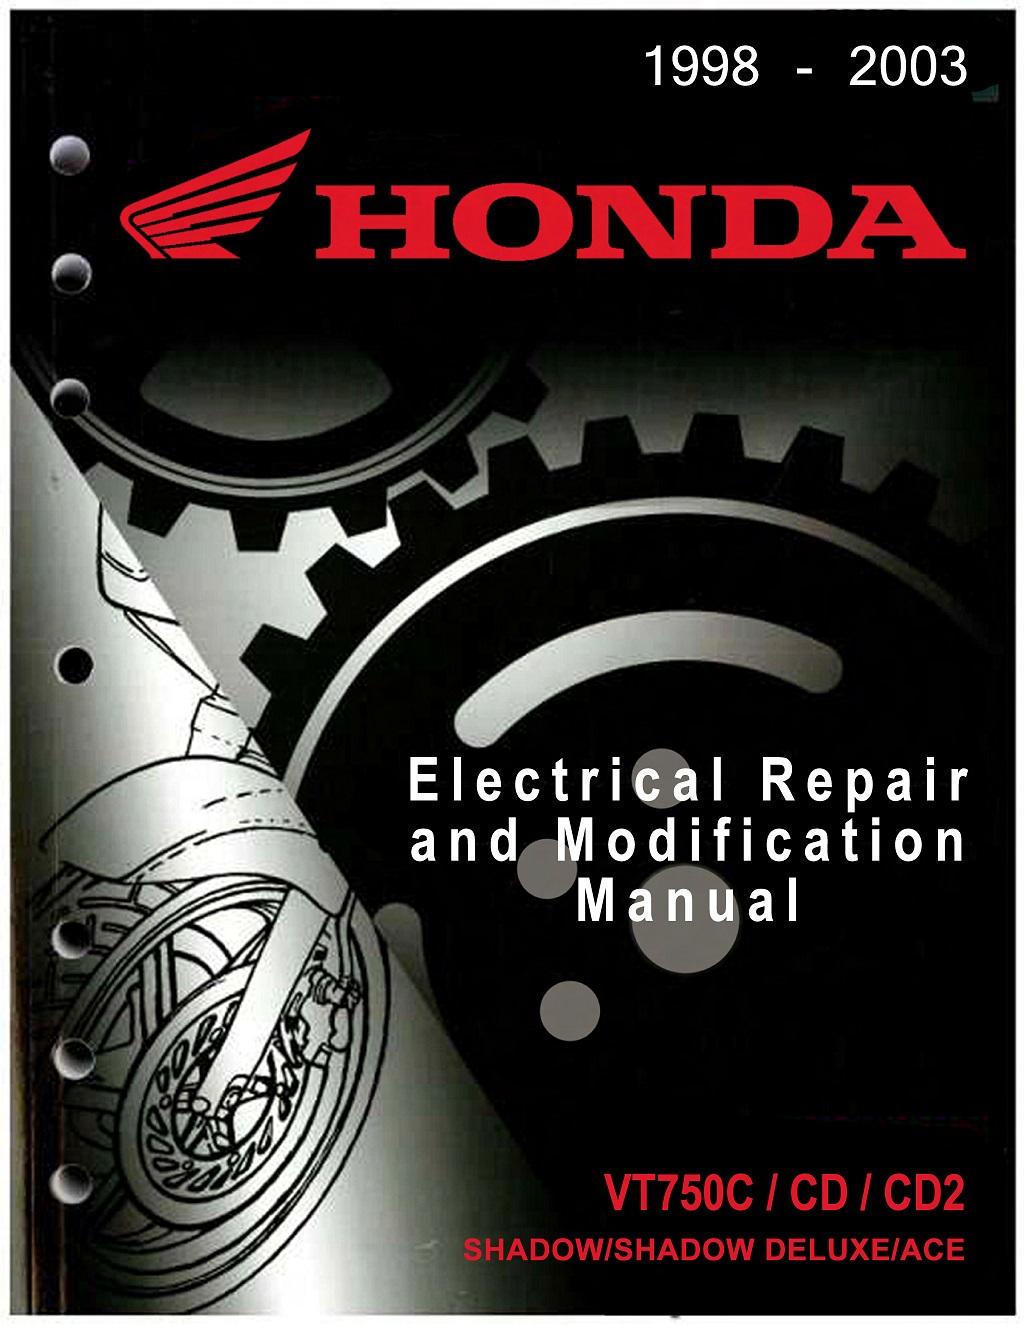 Workshop Manual for Honda VT750C (1998-2003) Electrial Repair and Modification Manual